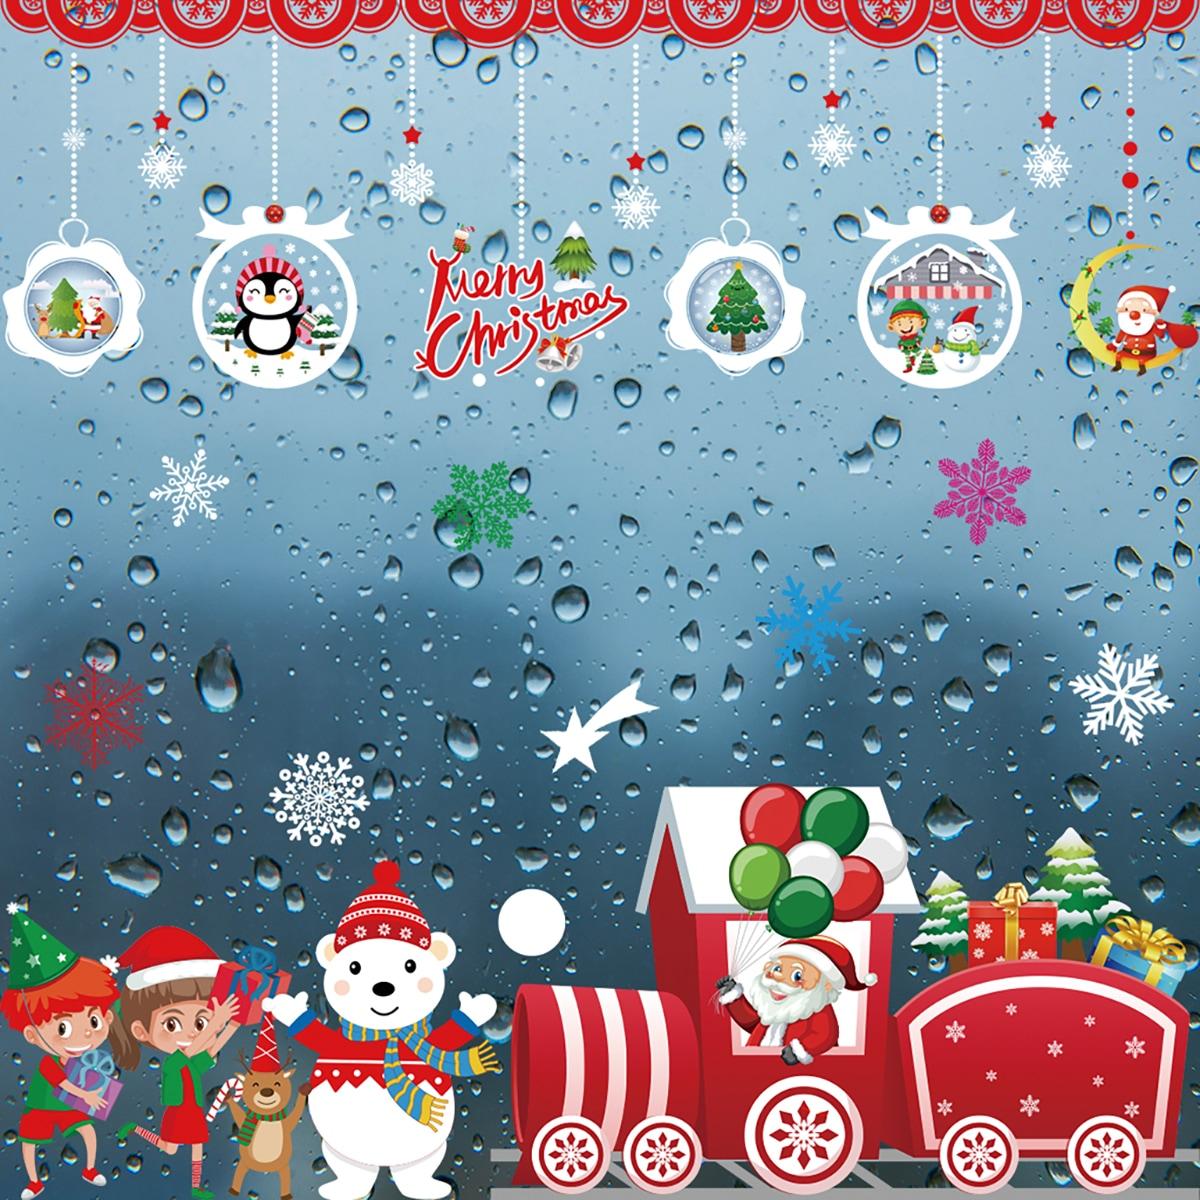 Наклейка на стену с рождественским принтом